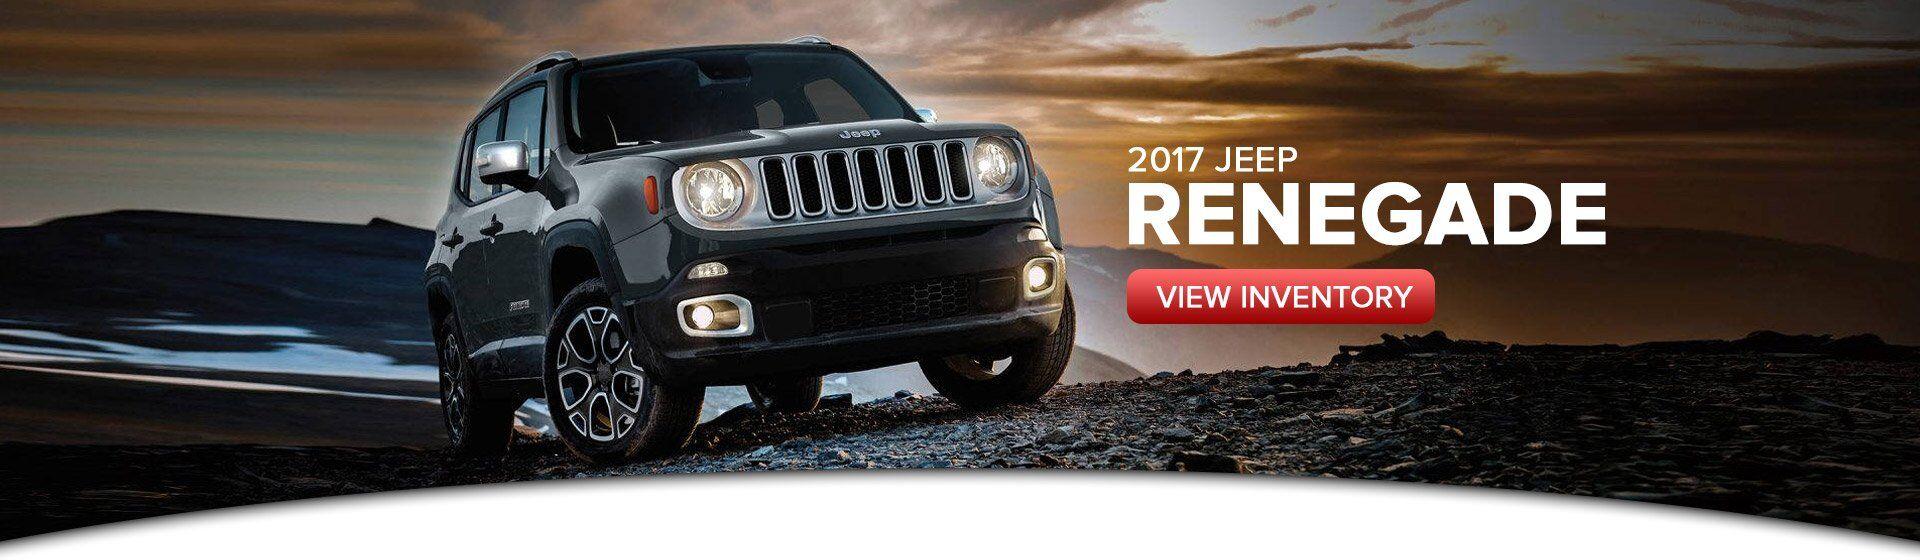 Adamson motors chrysler dodge jeep ram hyundai 2018 for Adamson motors used cars